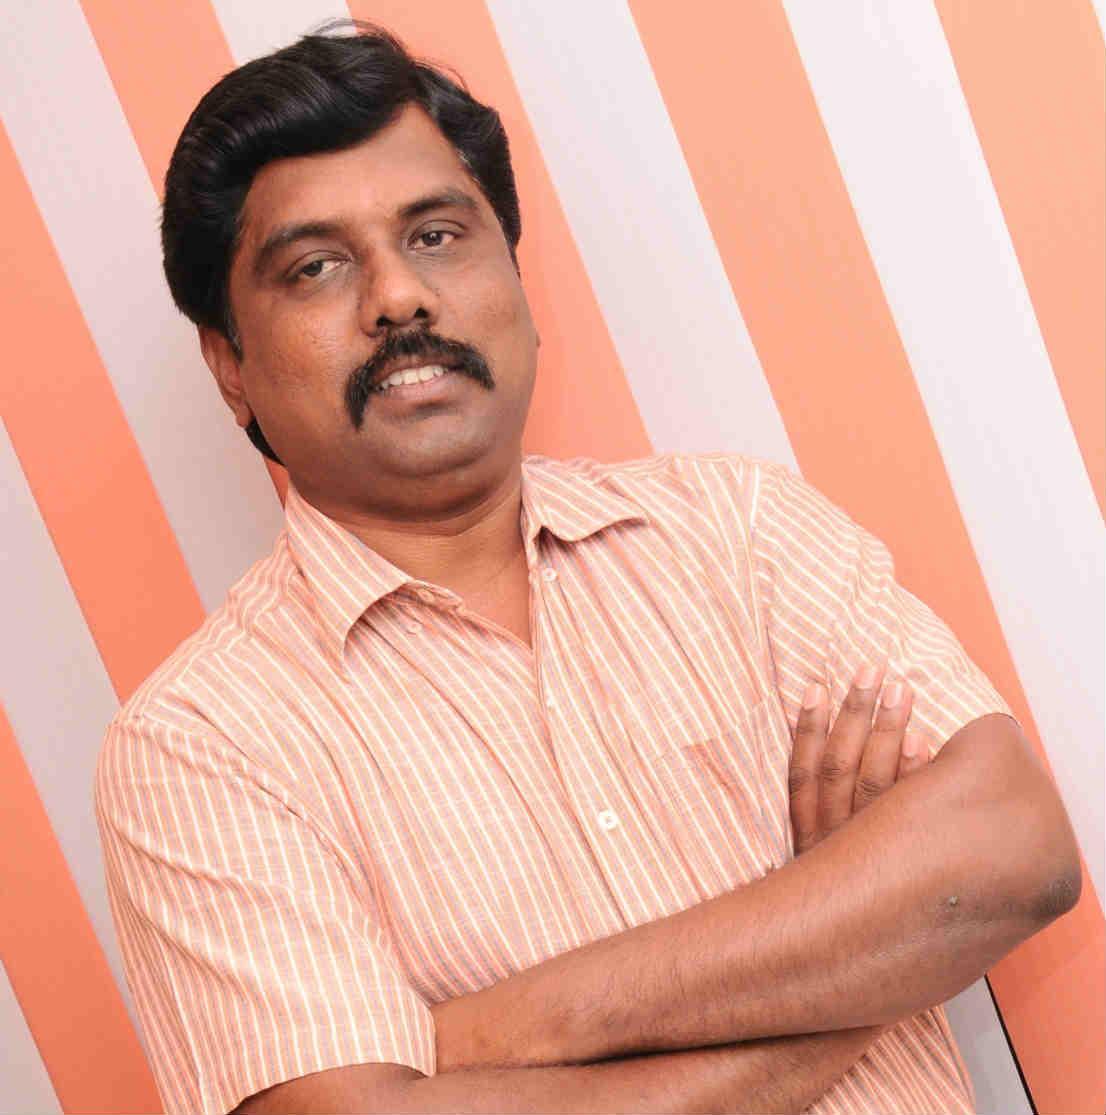 'பூவுலகின் நண்பர்கள்' சுந்தர்ராஜன்